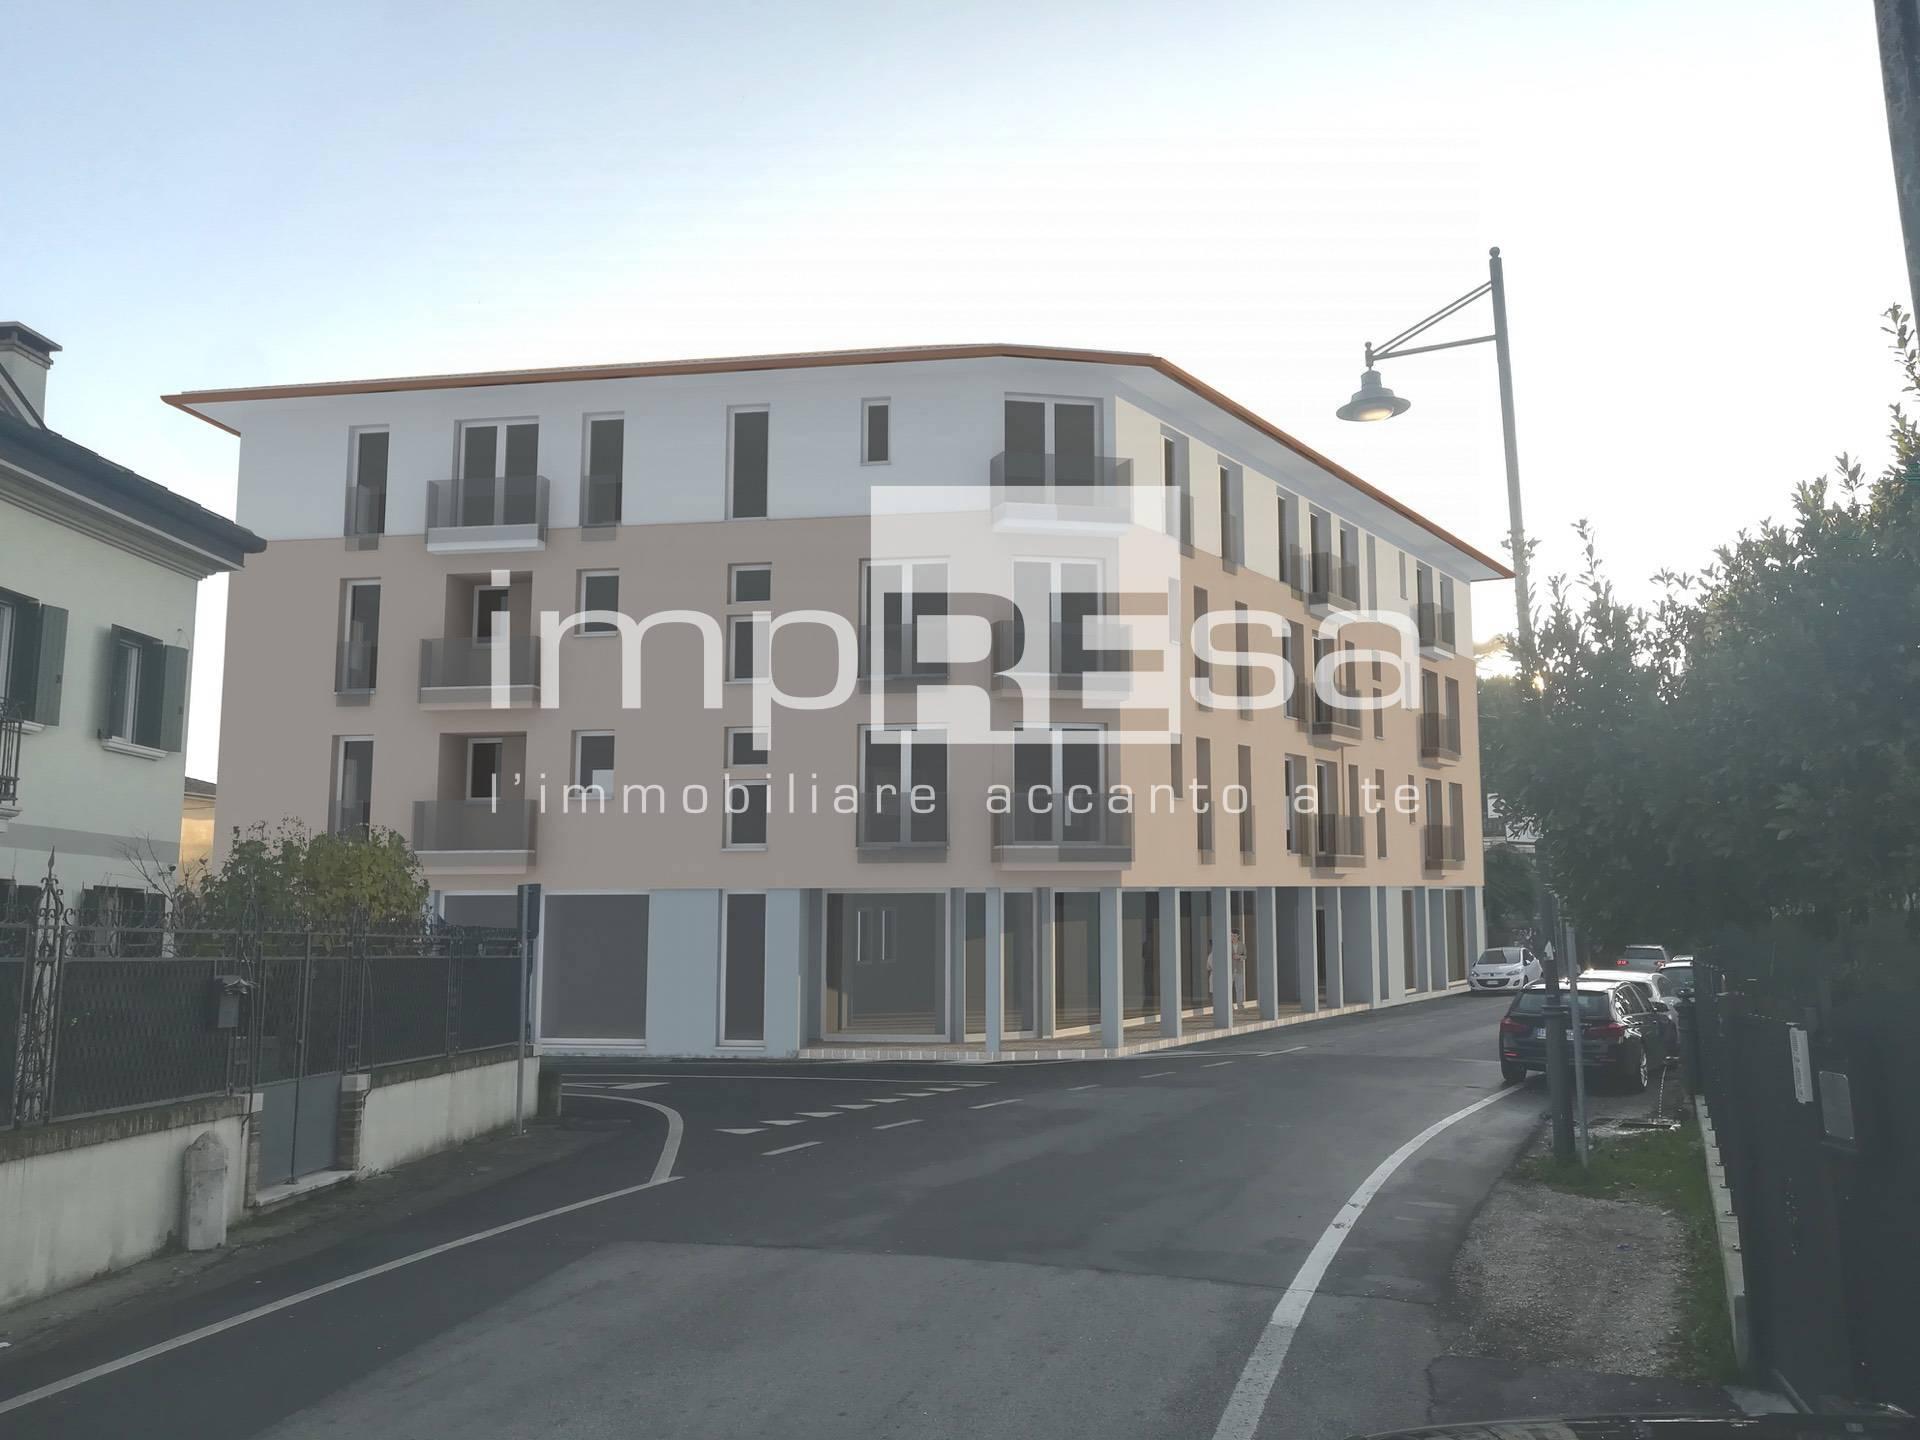 Appartamento in vendita a Treviso, 6 locali, zona Località: Fiera, prezzo € 360.000   PortaleAgenzieImmobiliari.it